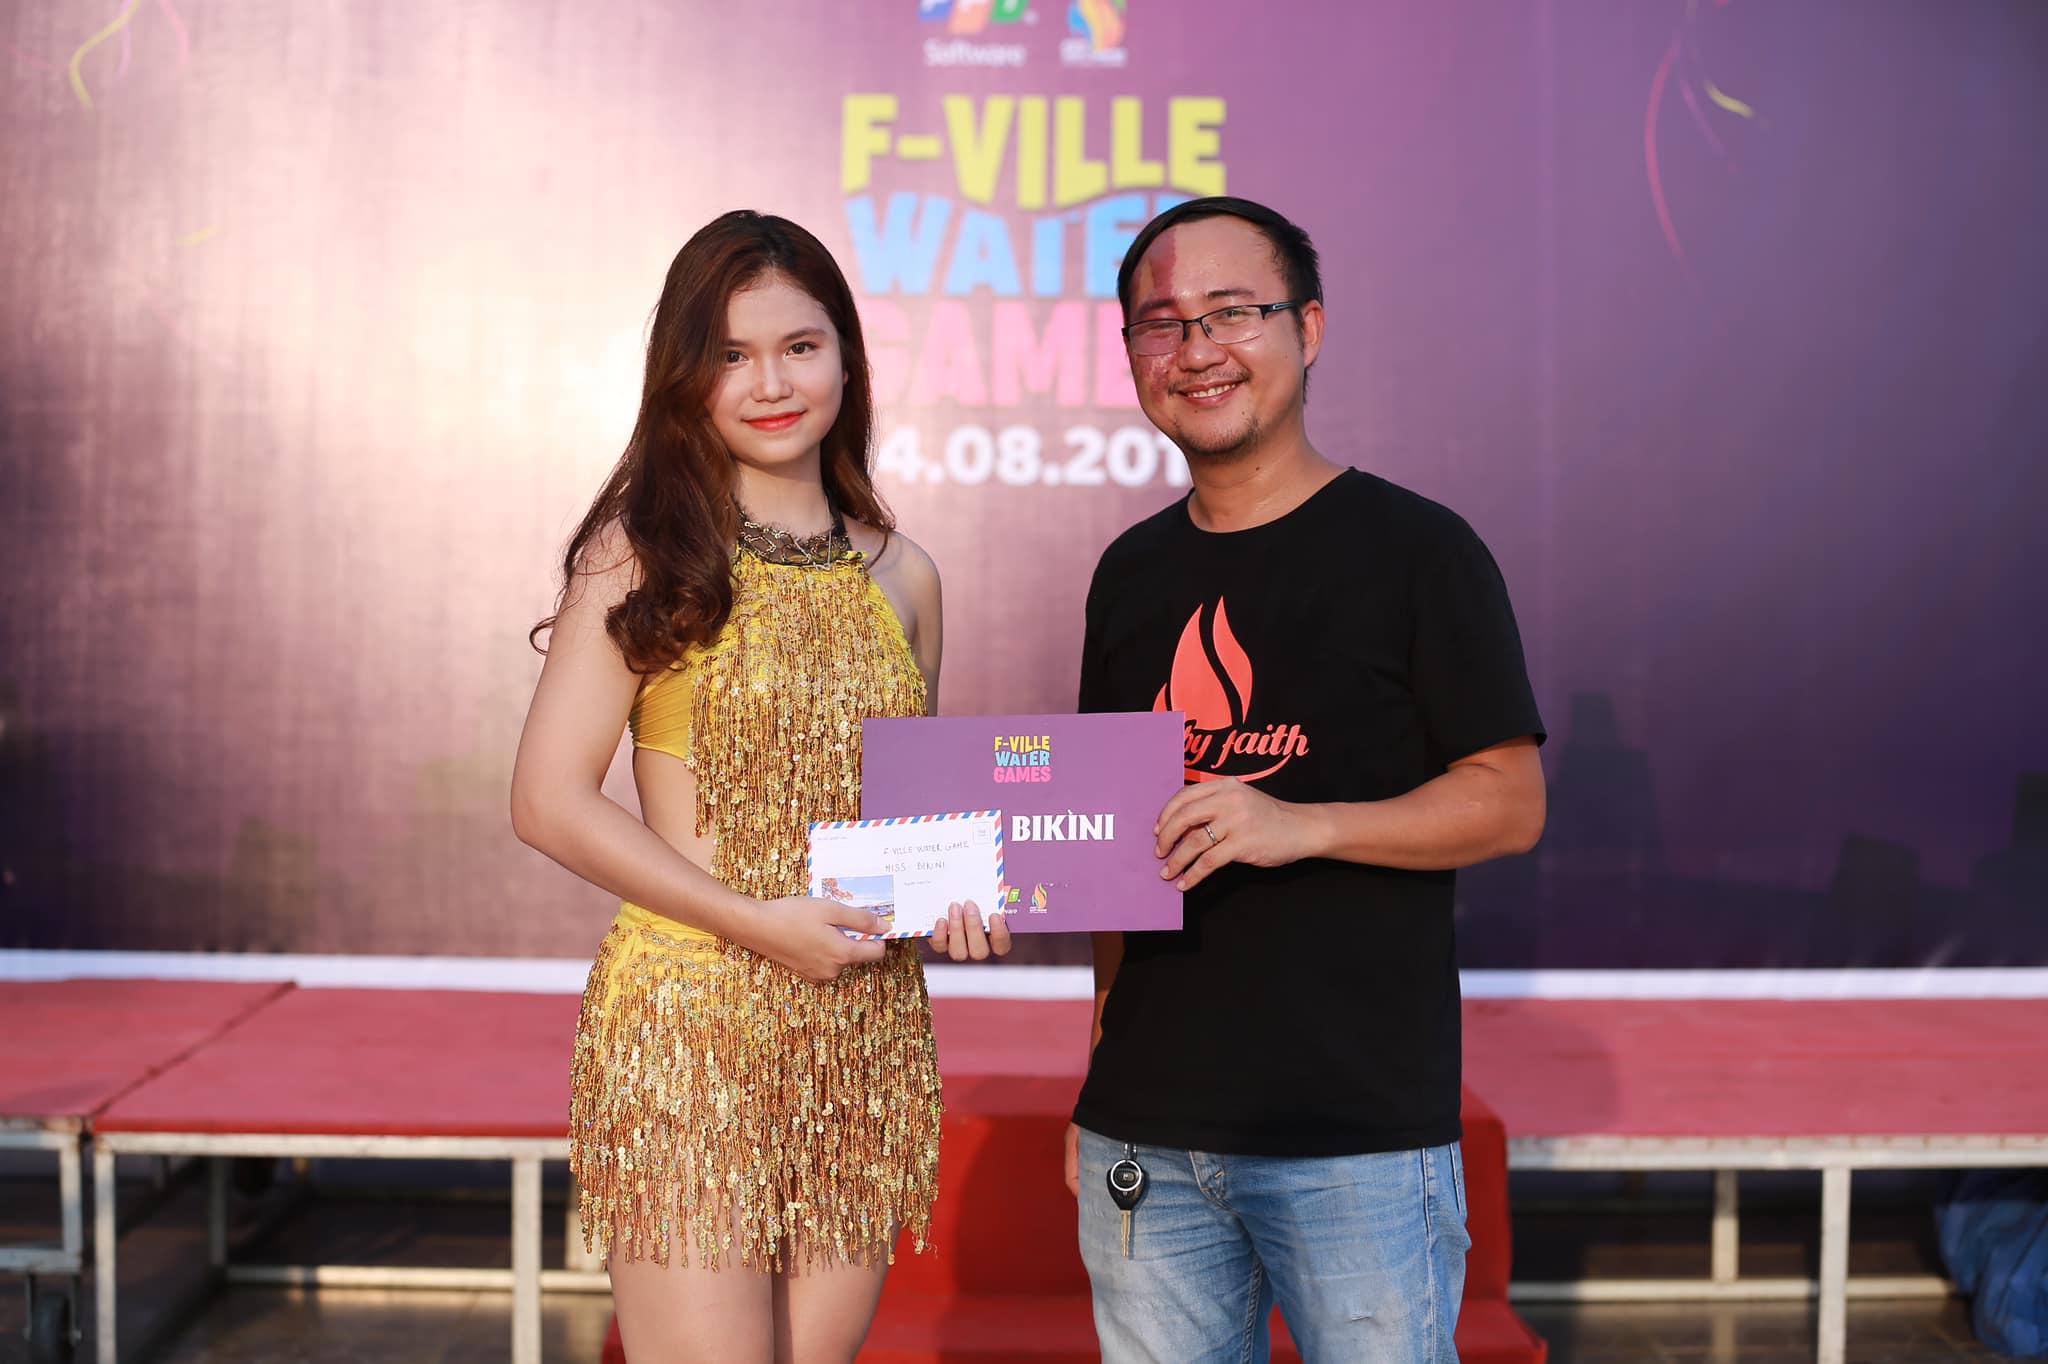 Trước đó, tháng 8/2018 Nguyễn Thu Trang (Trung tâm Dịch vụ sẻ chia - SSC) đã đăng quang Miss Bikini F-Ville Water Games.